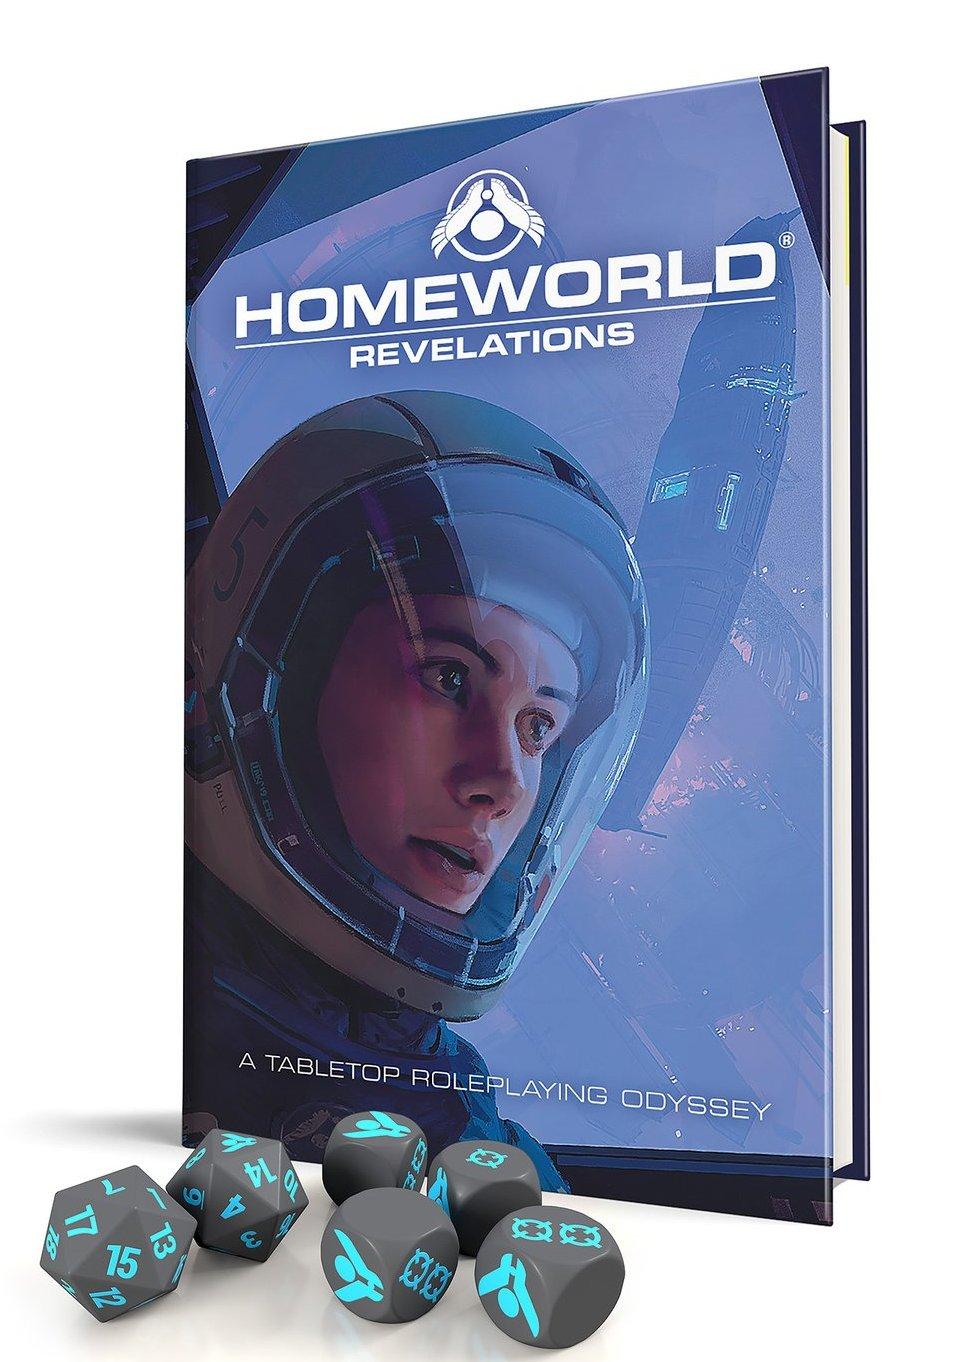 Homeworld RPG